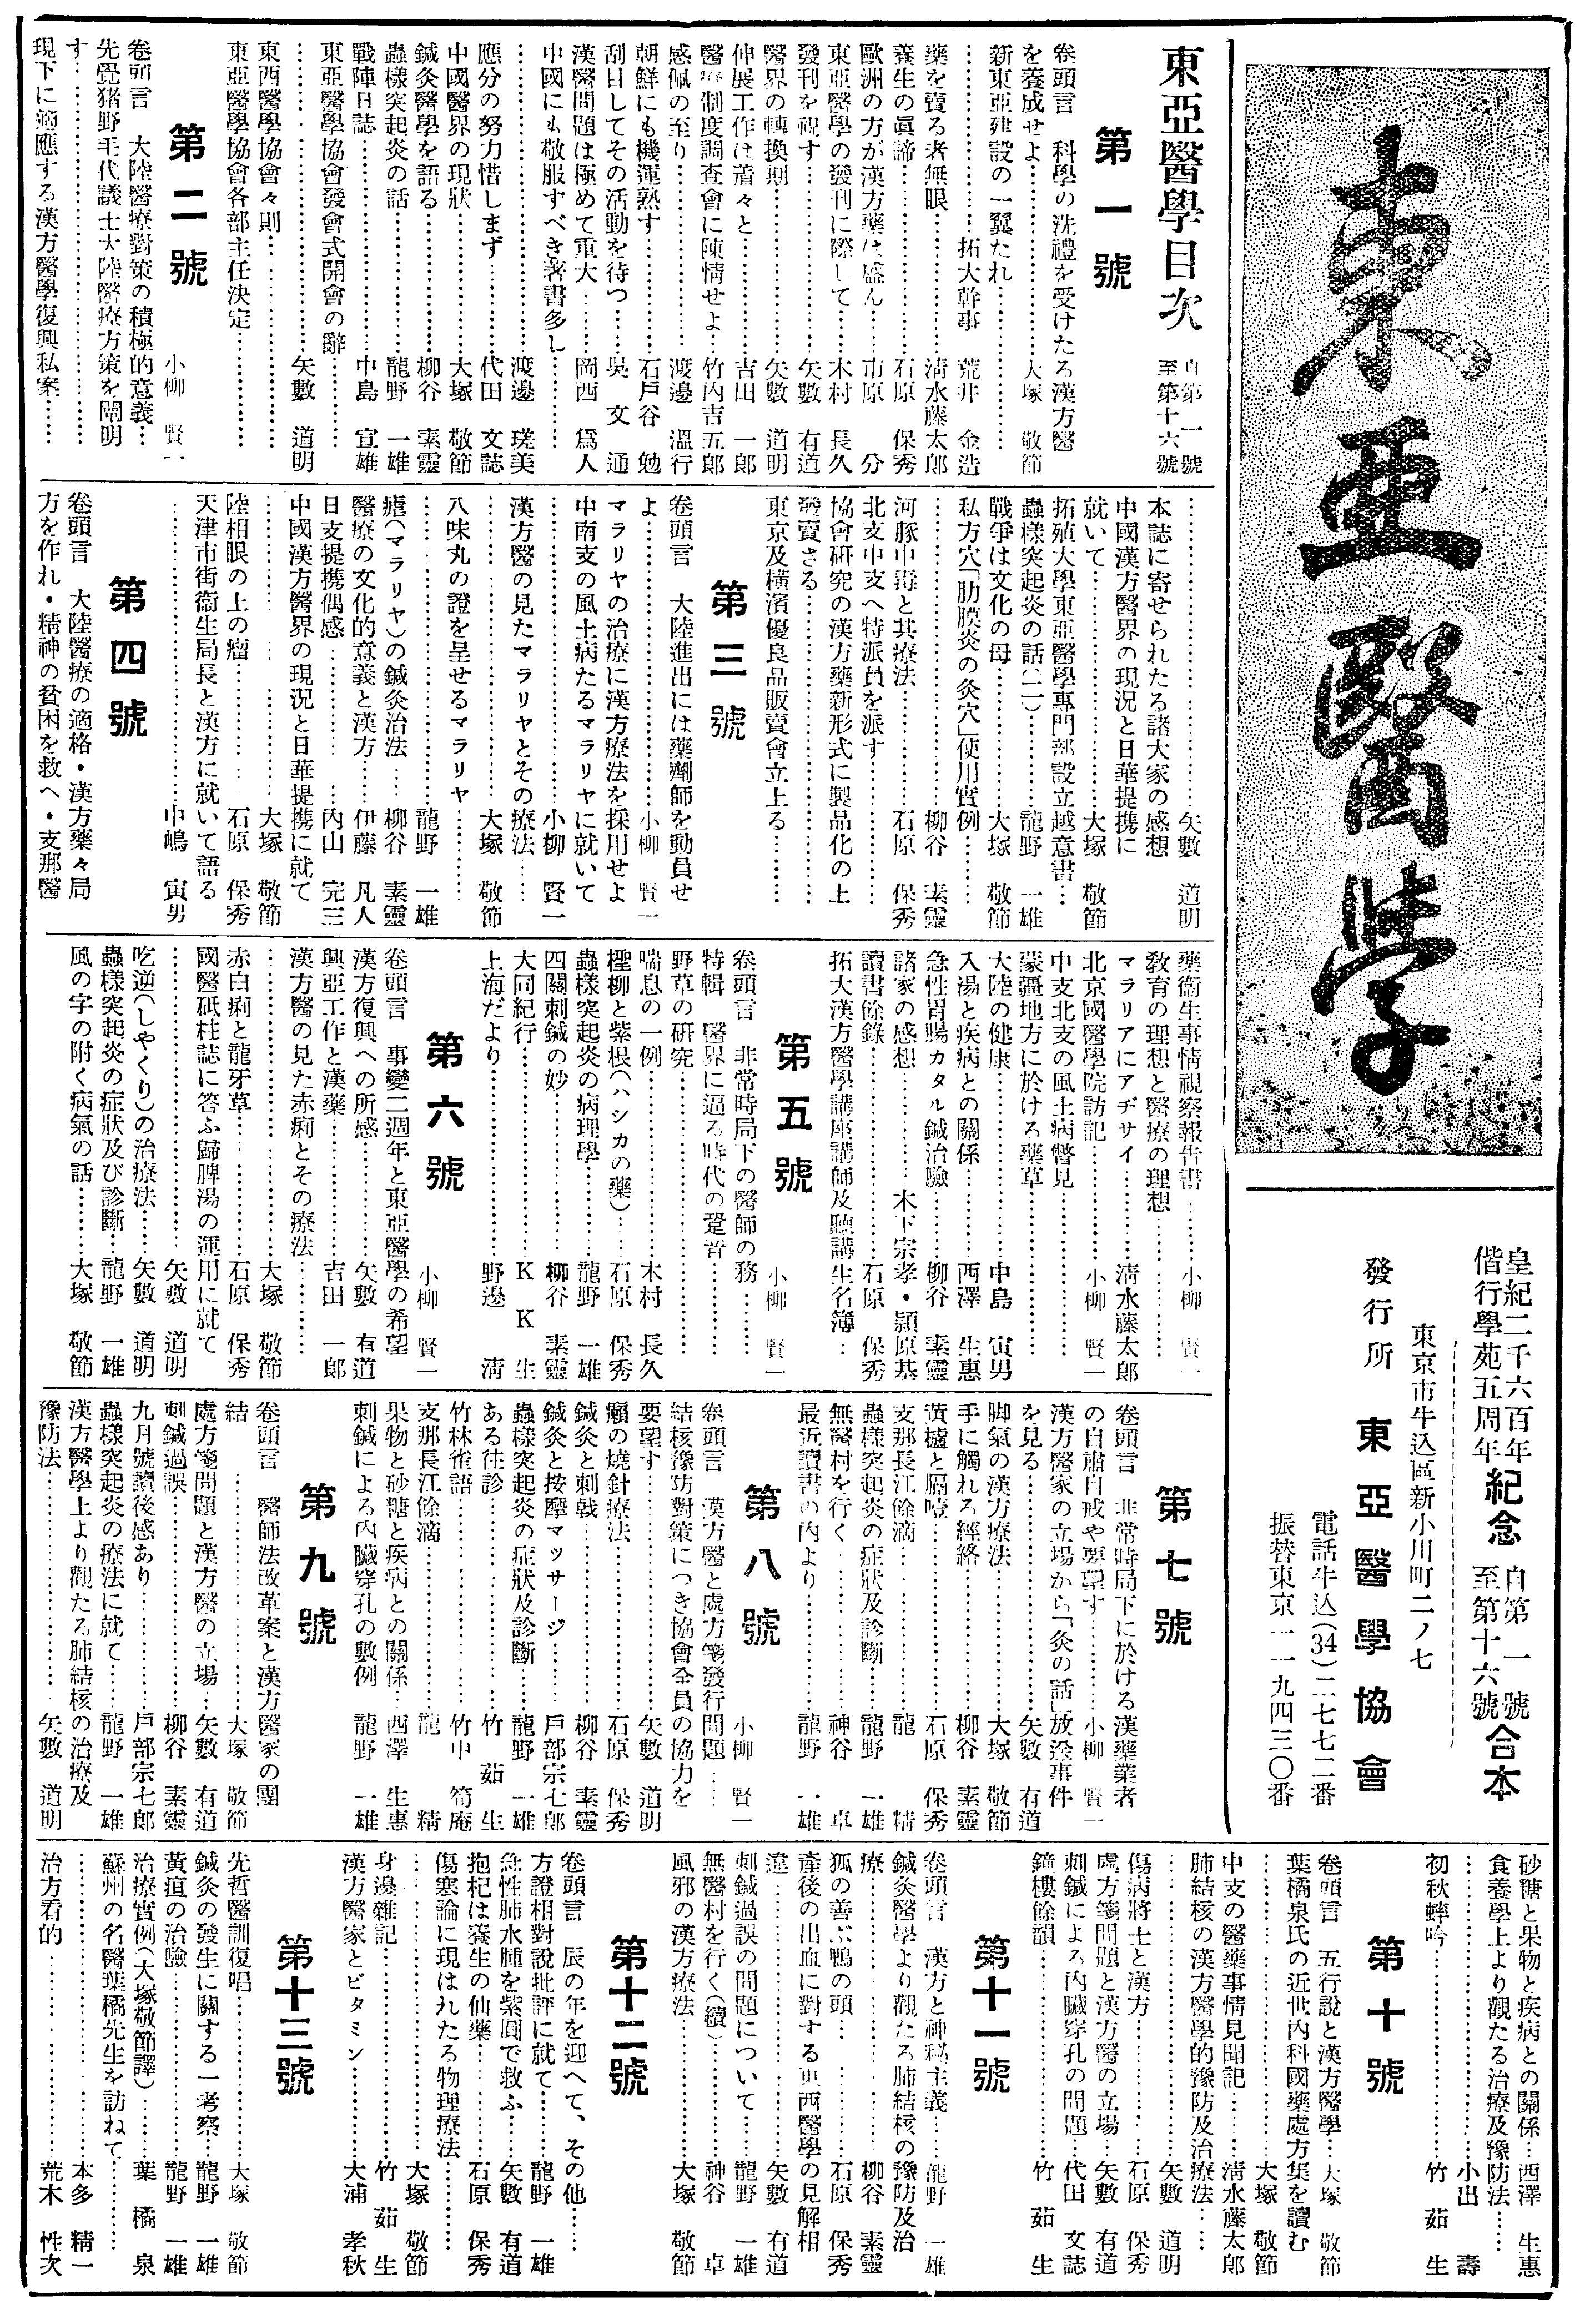 17:58, 18 April 2009 Touaigaku-vol1.jpg ...